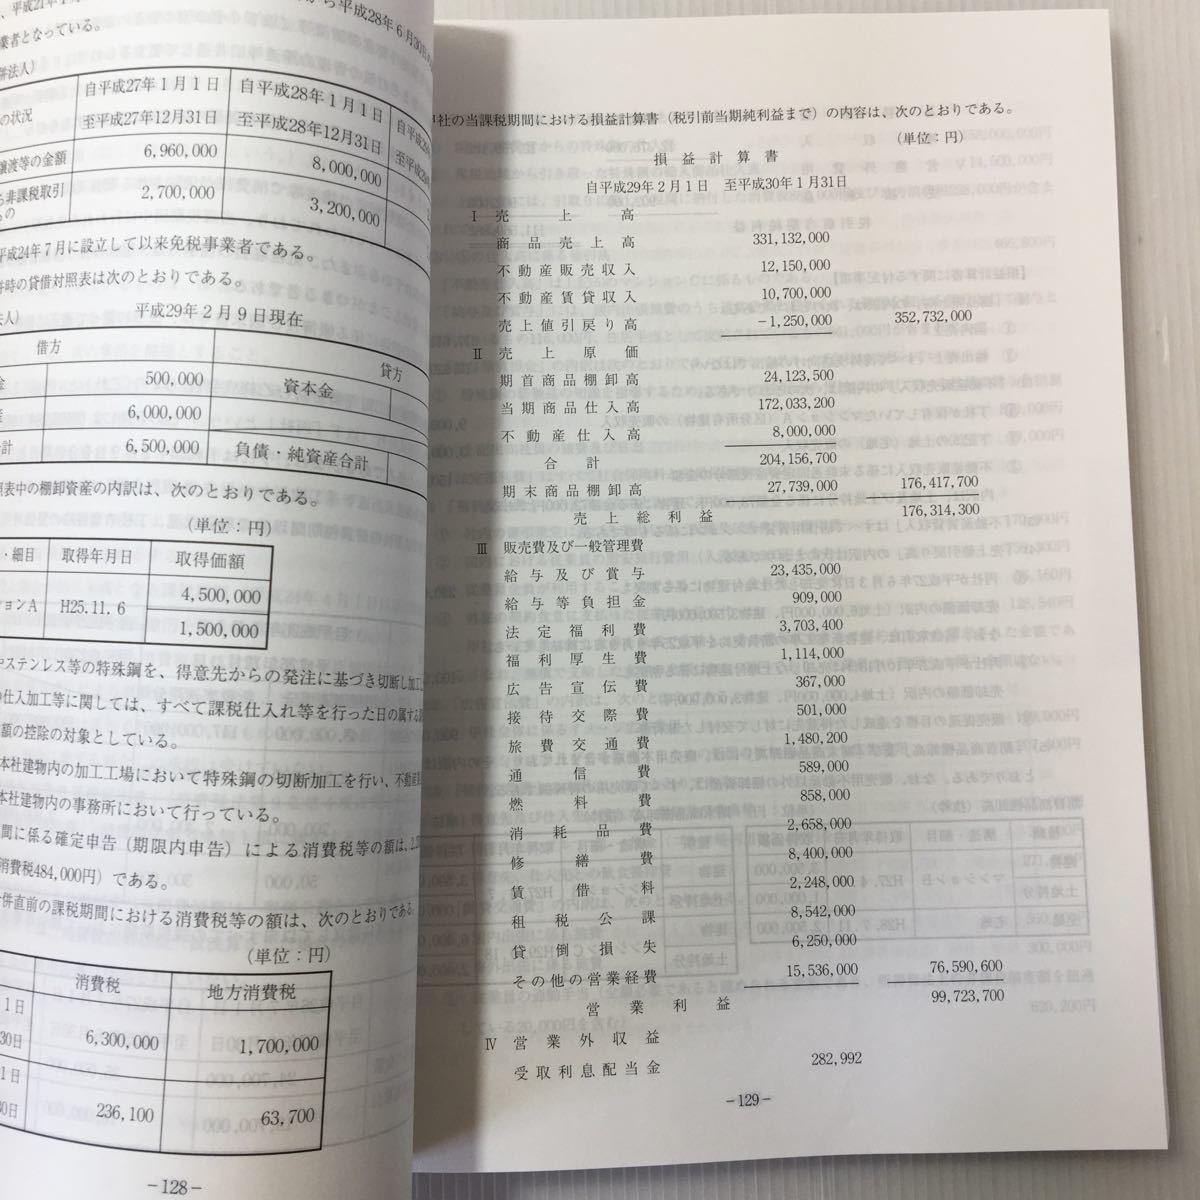 zaa-052♪資格の大原 税理士受験対策 消費税法 過去試験問題集2017年度受験対策+2019年度 2冊セット